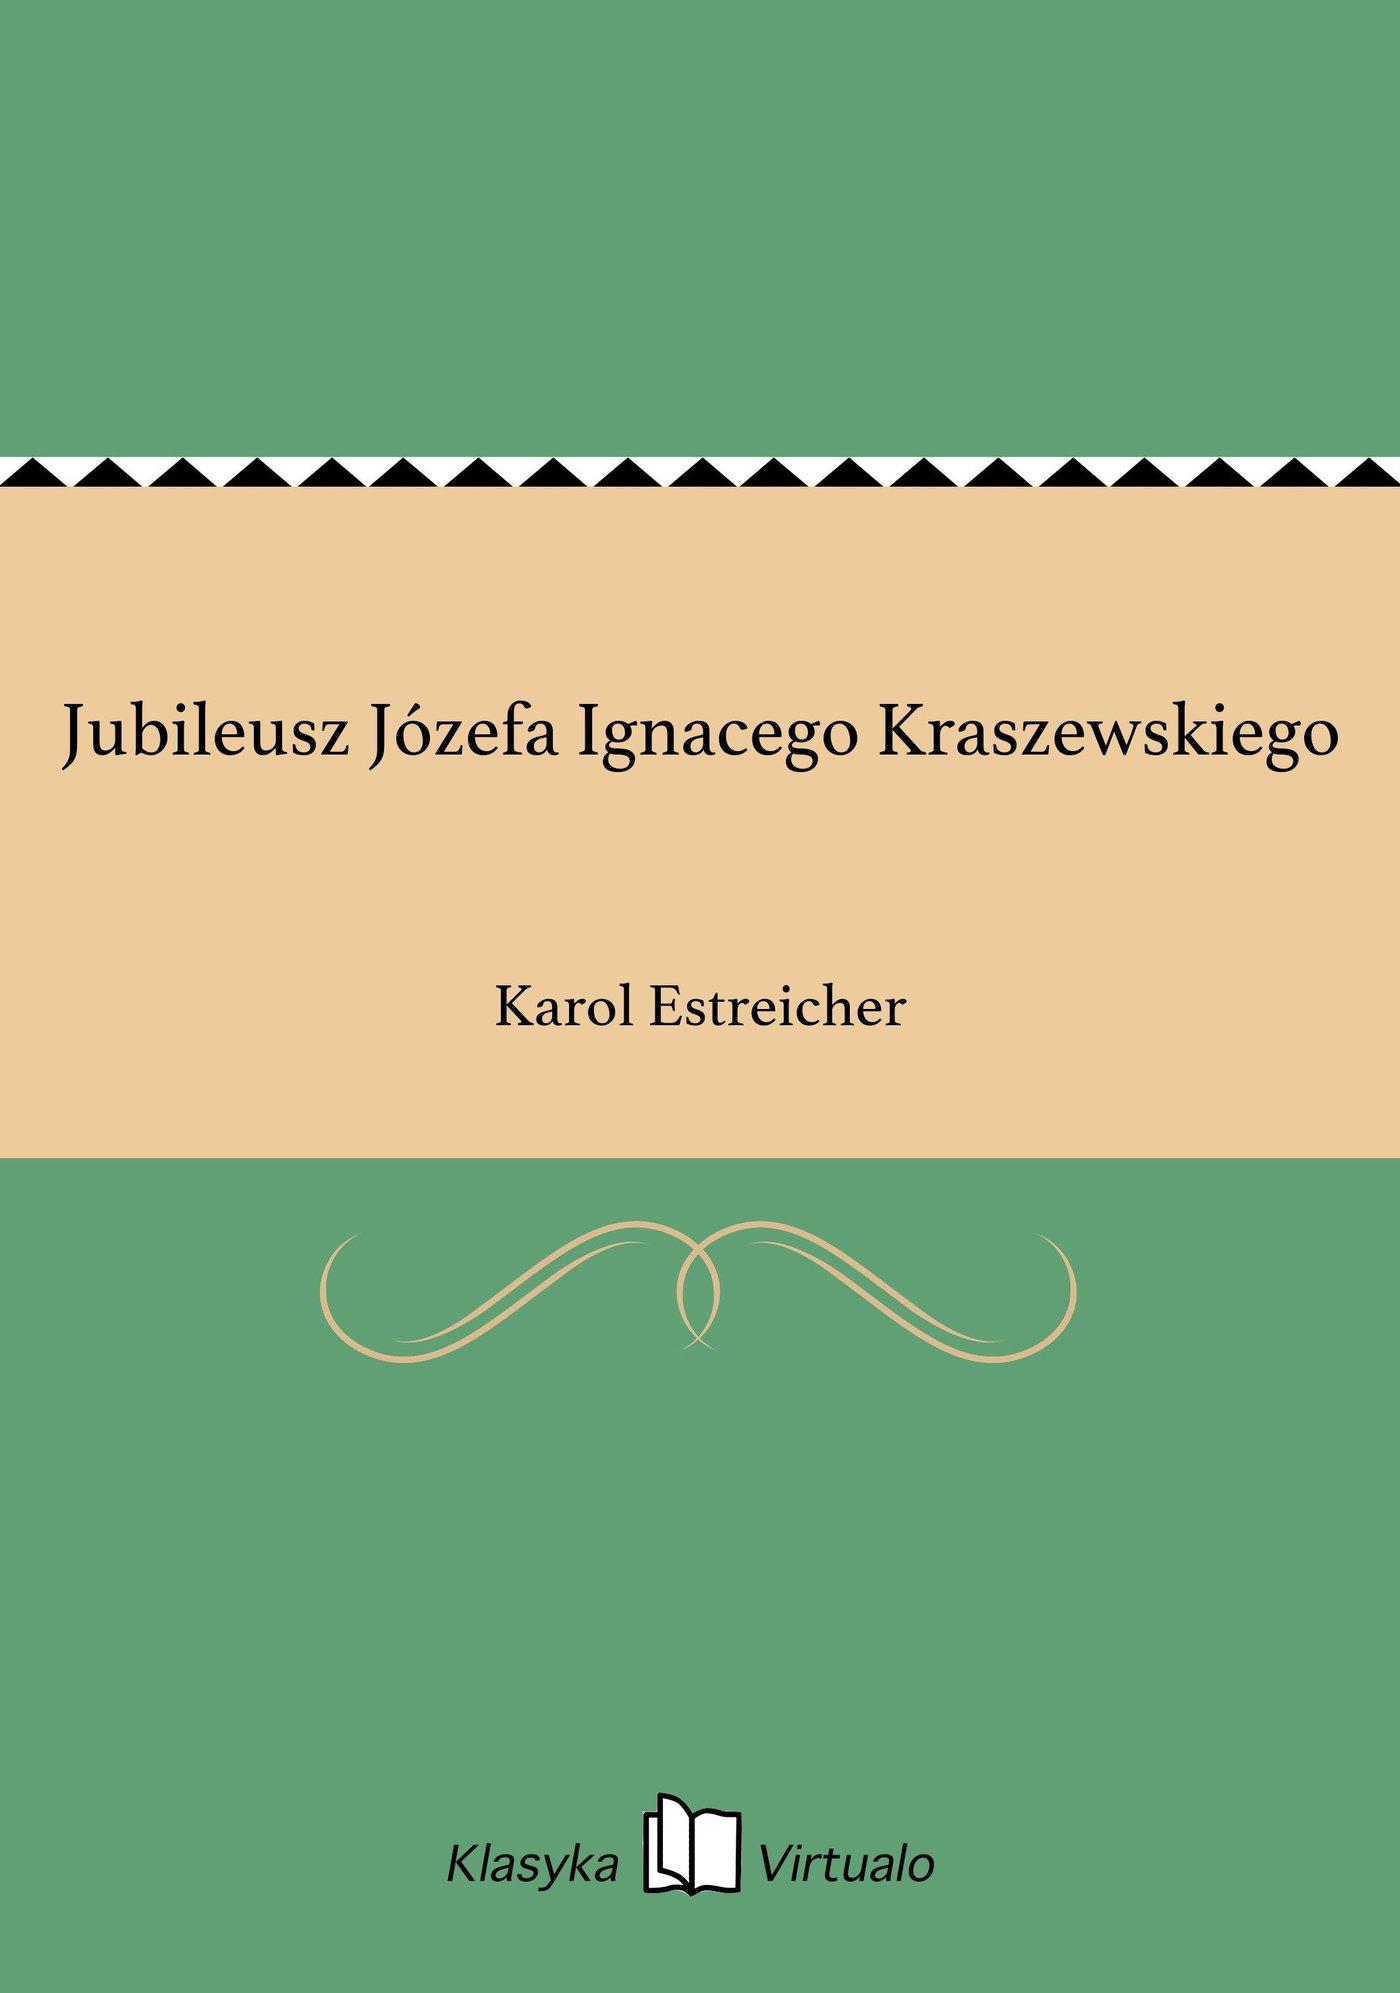 Jubileusz Józefa Ignacego Kraszewskiego - Ebook (Książka EPUB) do pobrania w formacie EPUB